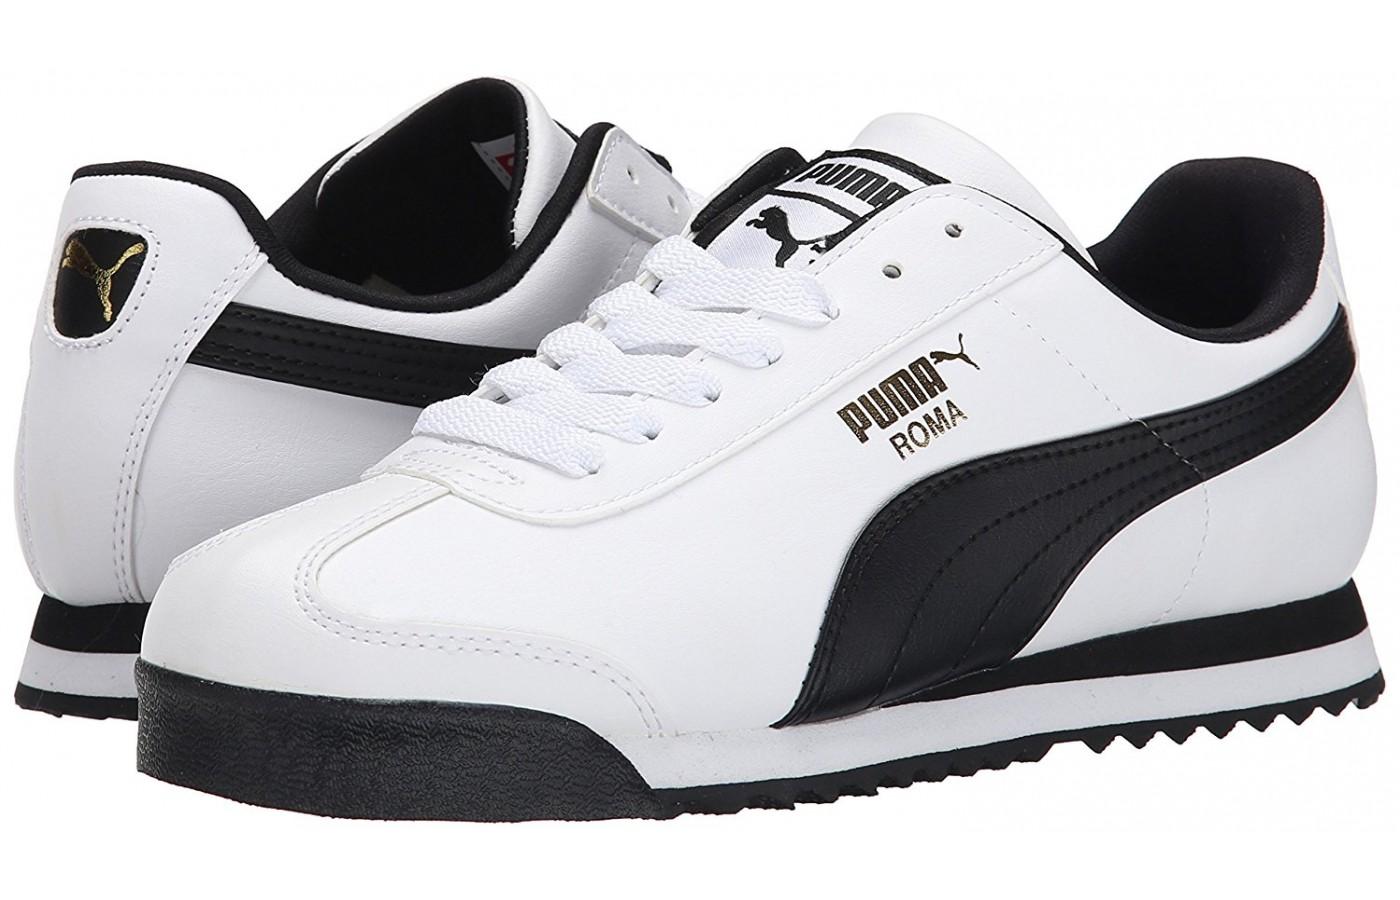 Puma Roma pair